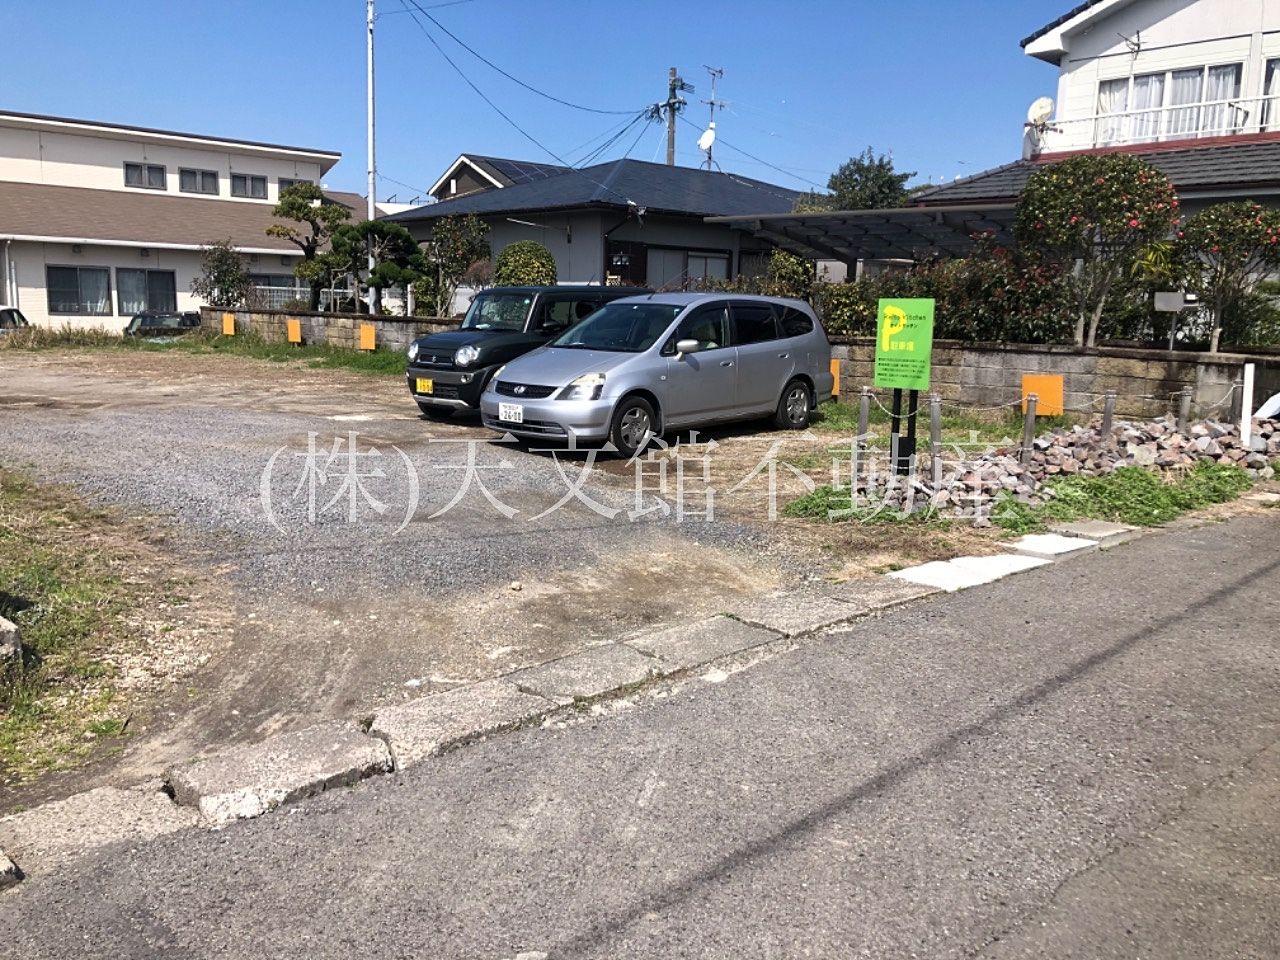 鹿児島市吉野町「ケイトキッチン」の駐車場案内看板です。4枚の緑の看板が目印です。